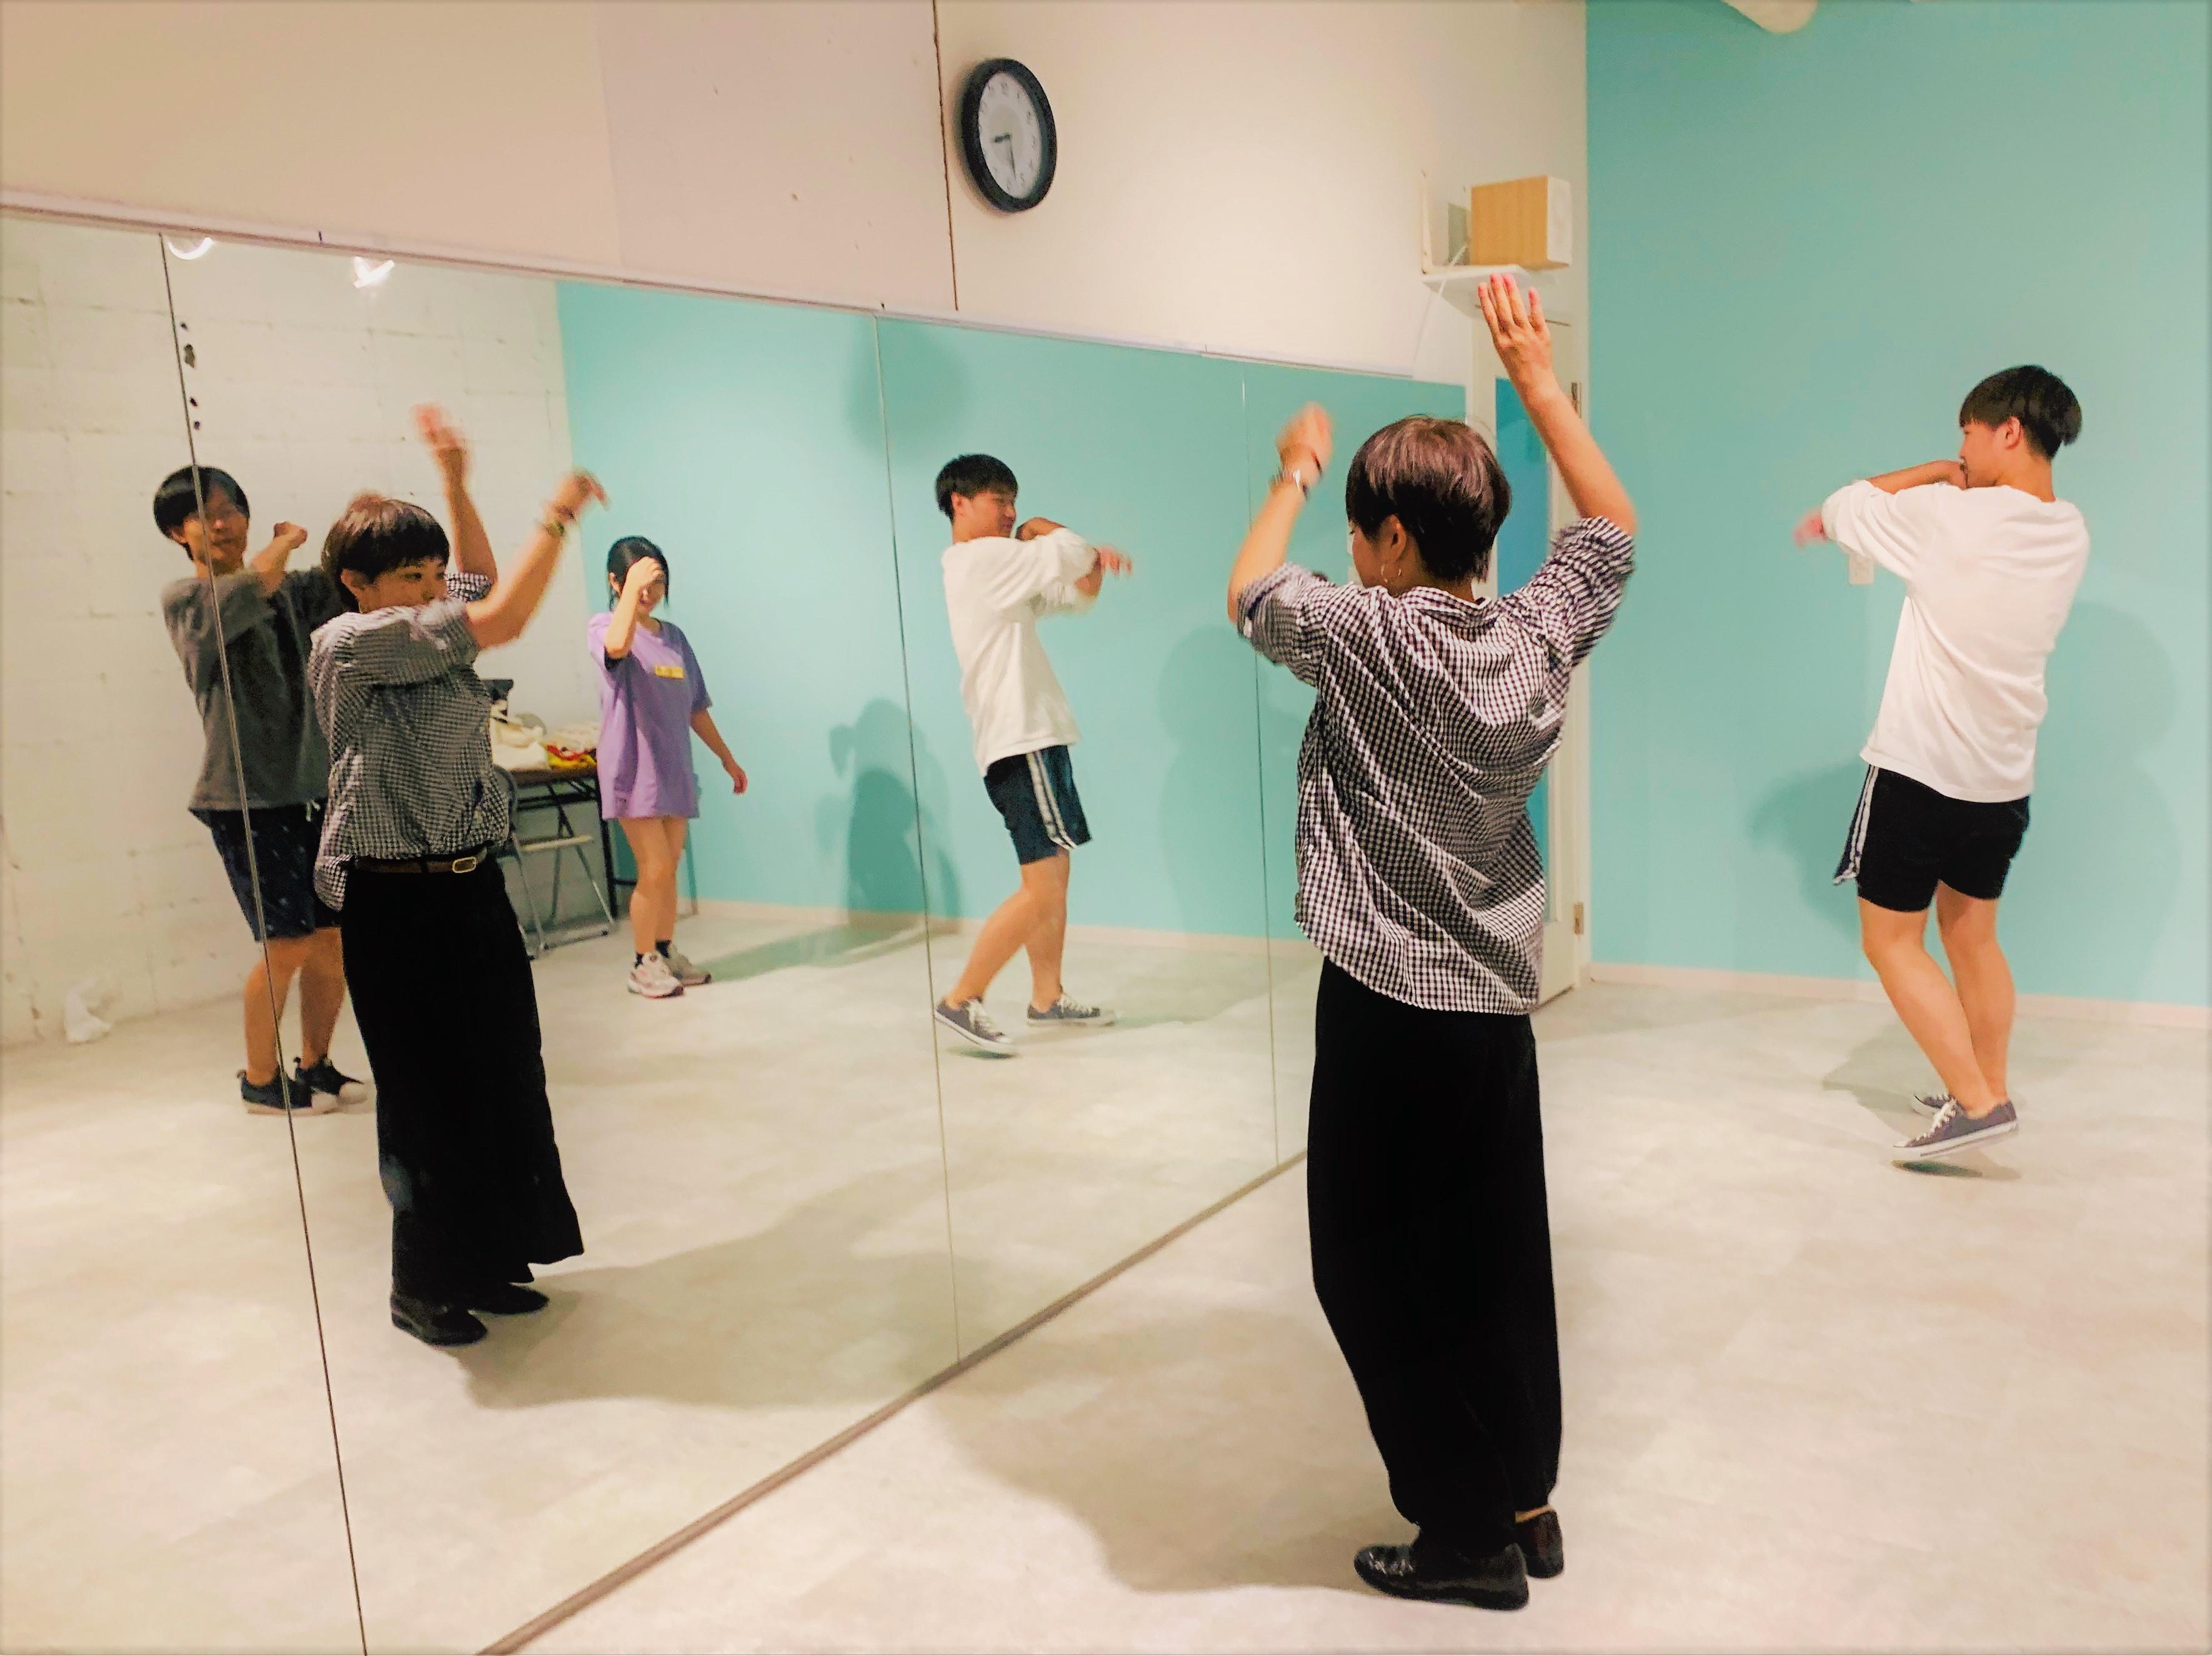 舞蹈俱乐部的练习